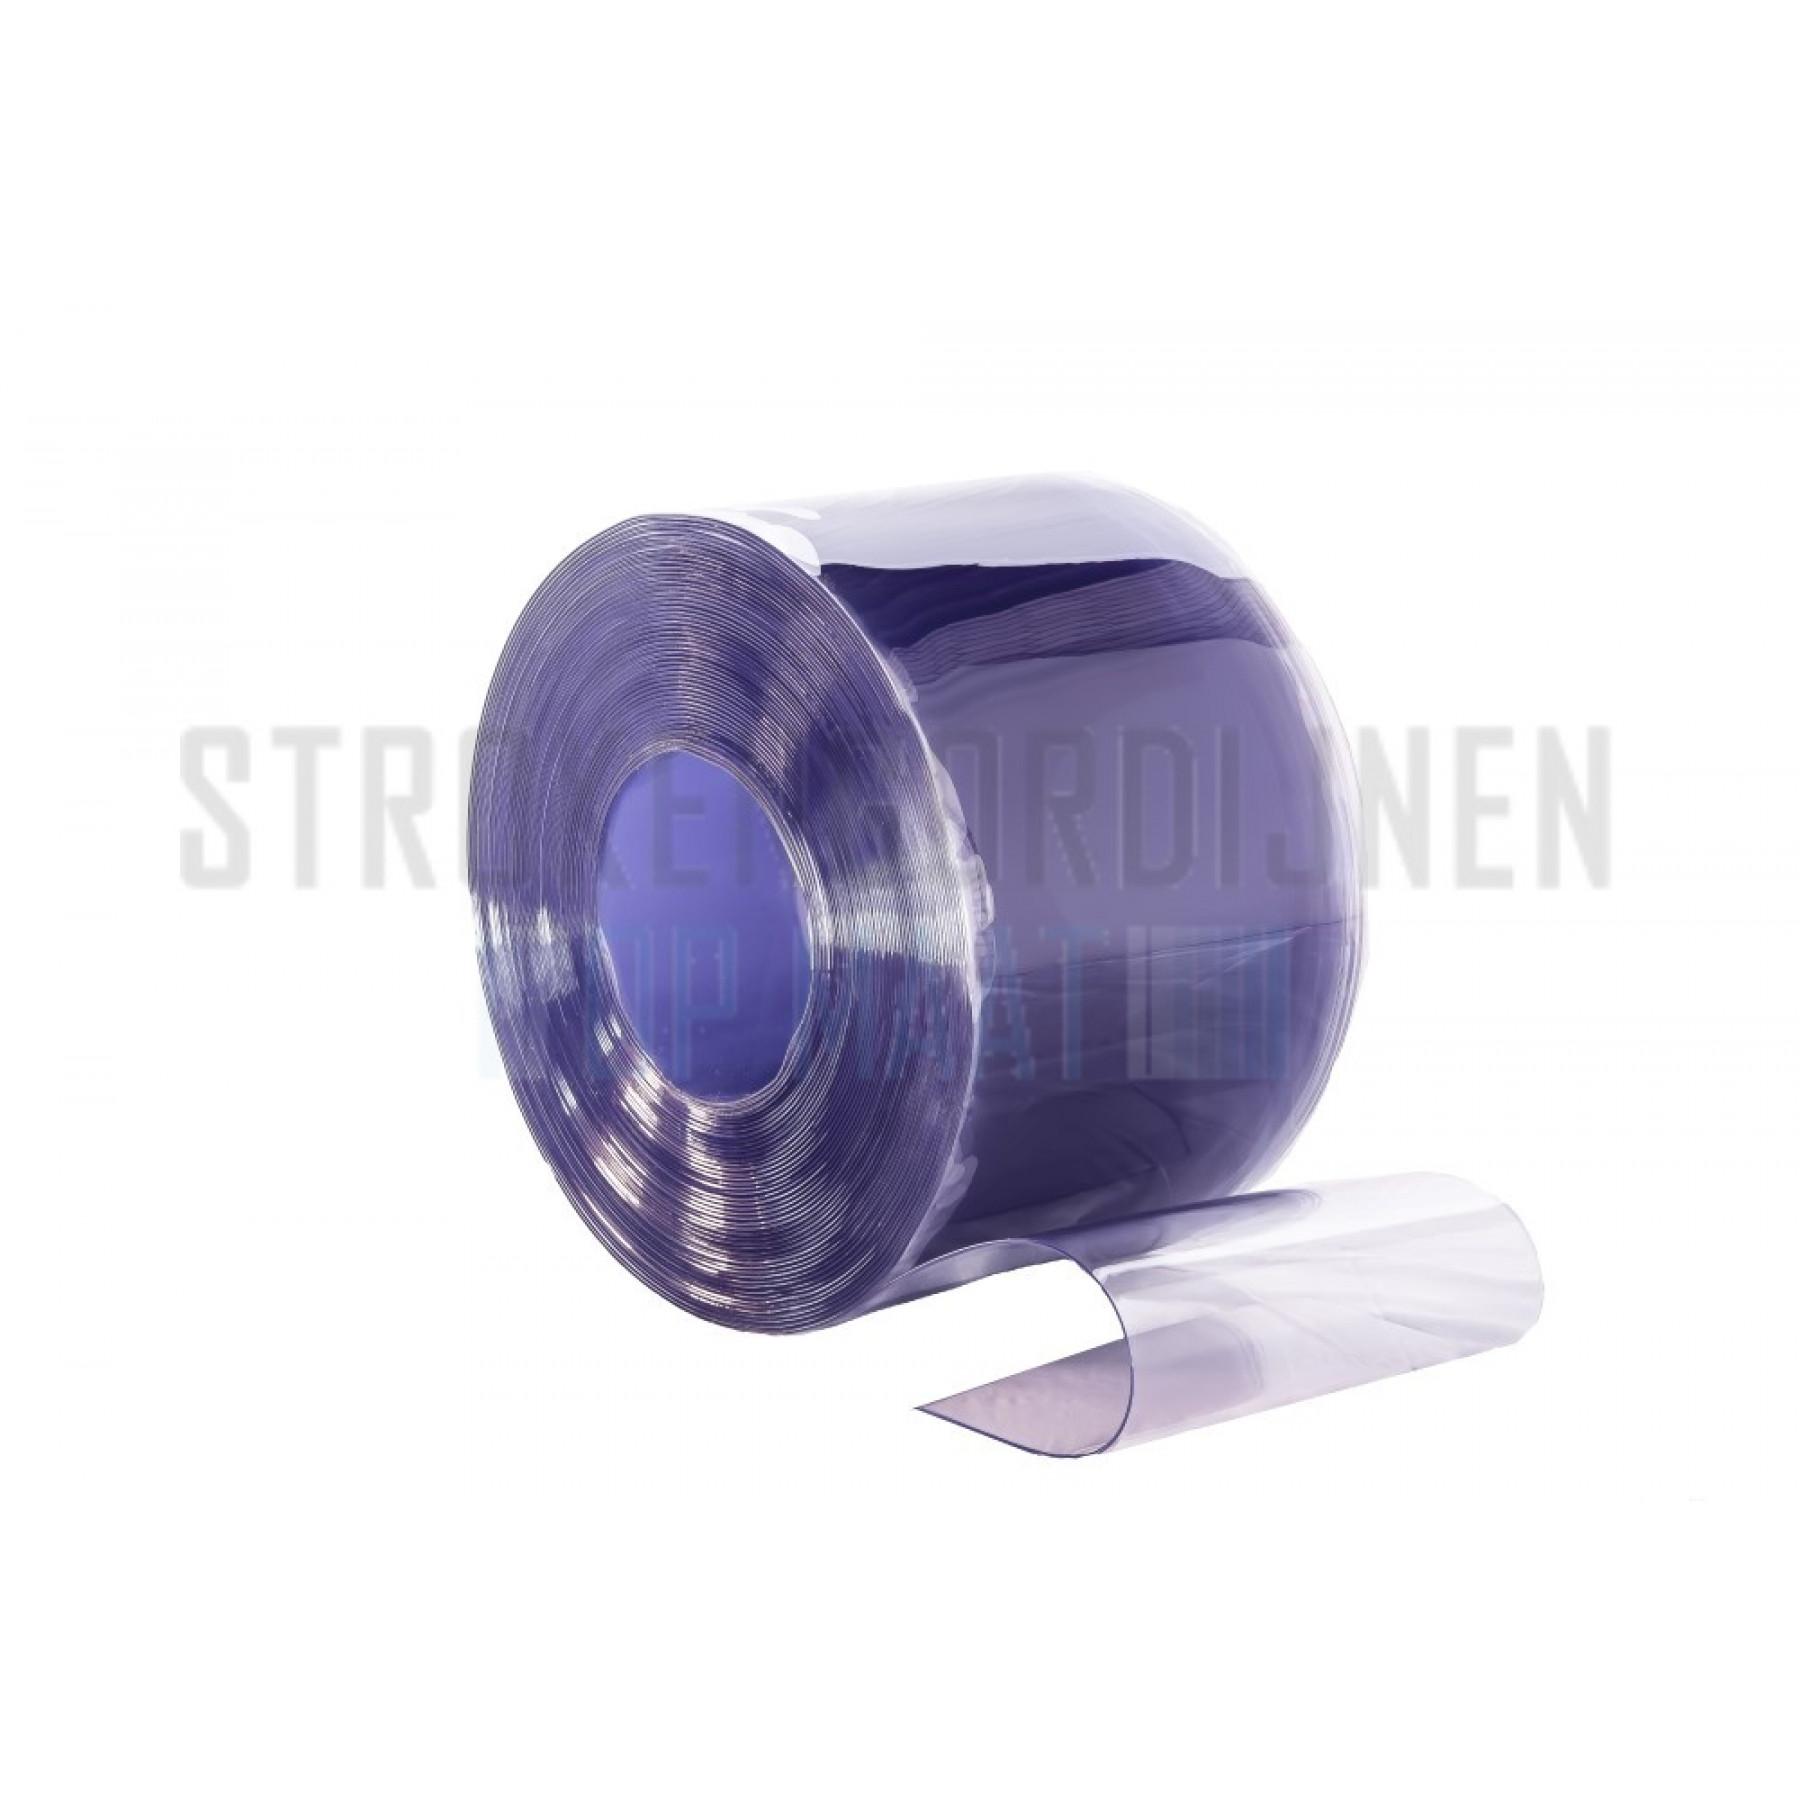 PVC Streifen zur Renovierung, antistatisch, 300mm breit, 3mm dick, transparent